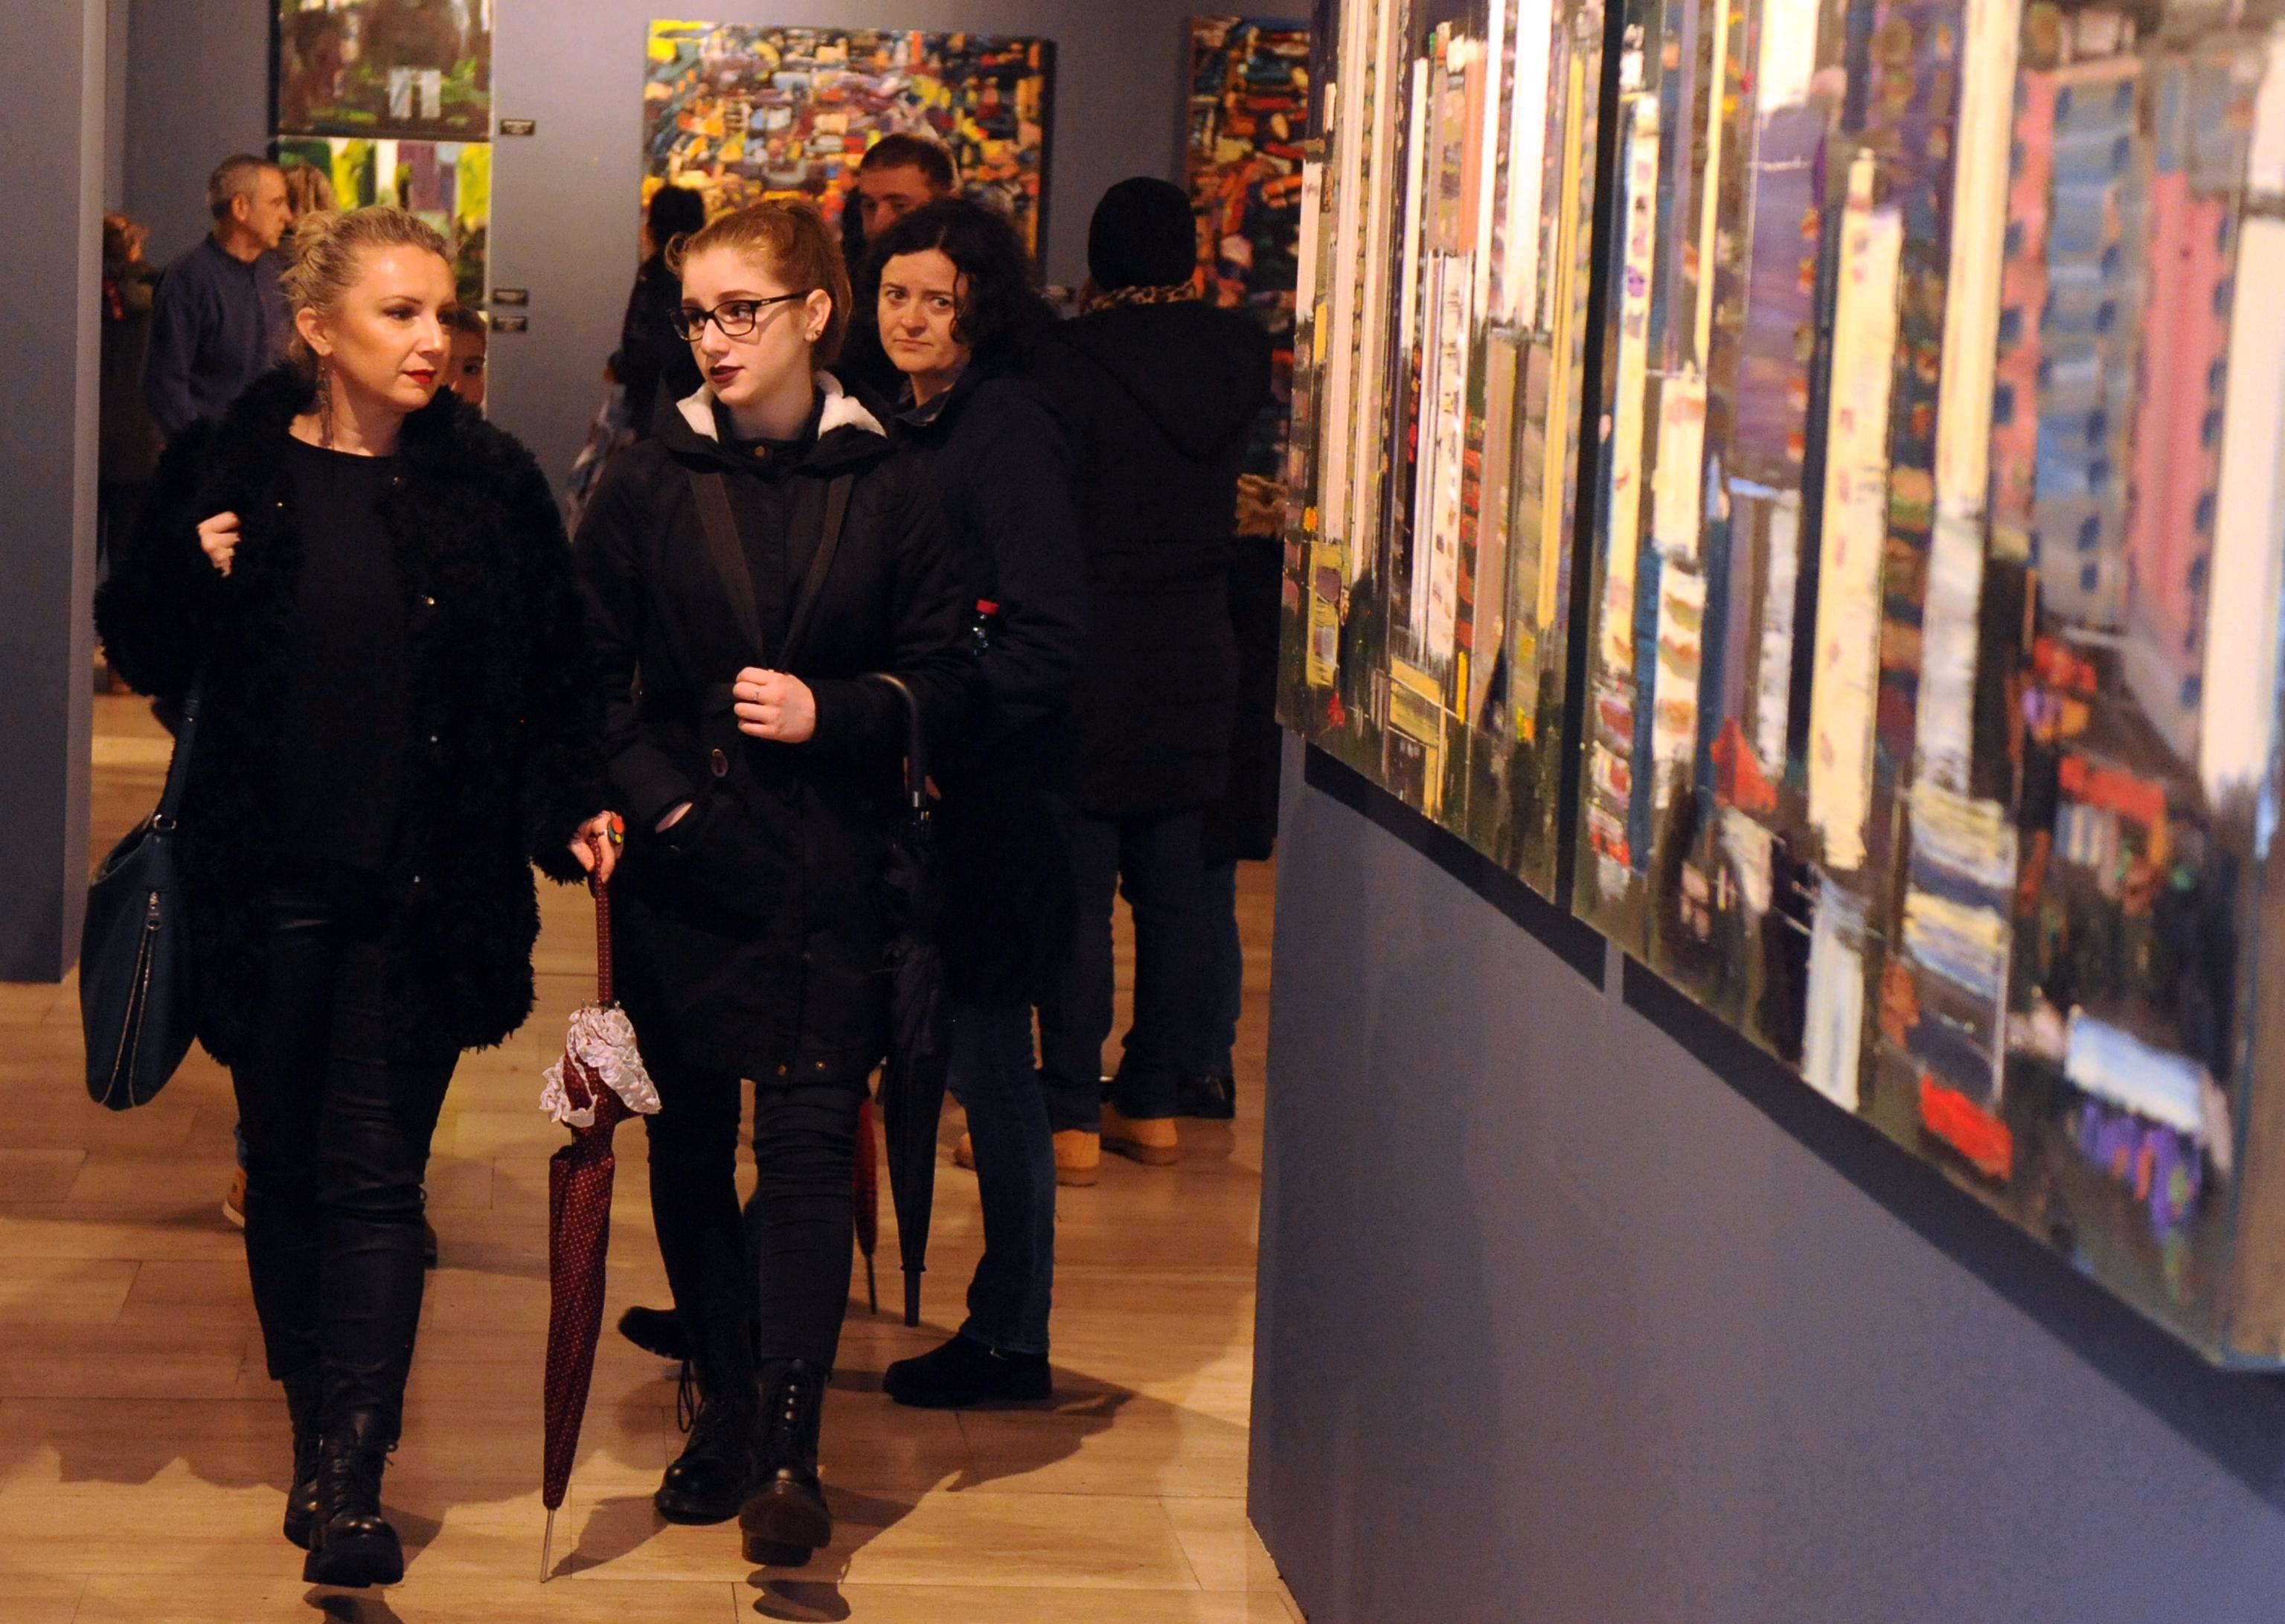 Noć muzeja, Muzej grada Rijeke - izložba Maura Stipanova  / Snimio Marko GRACIN